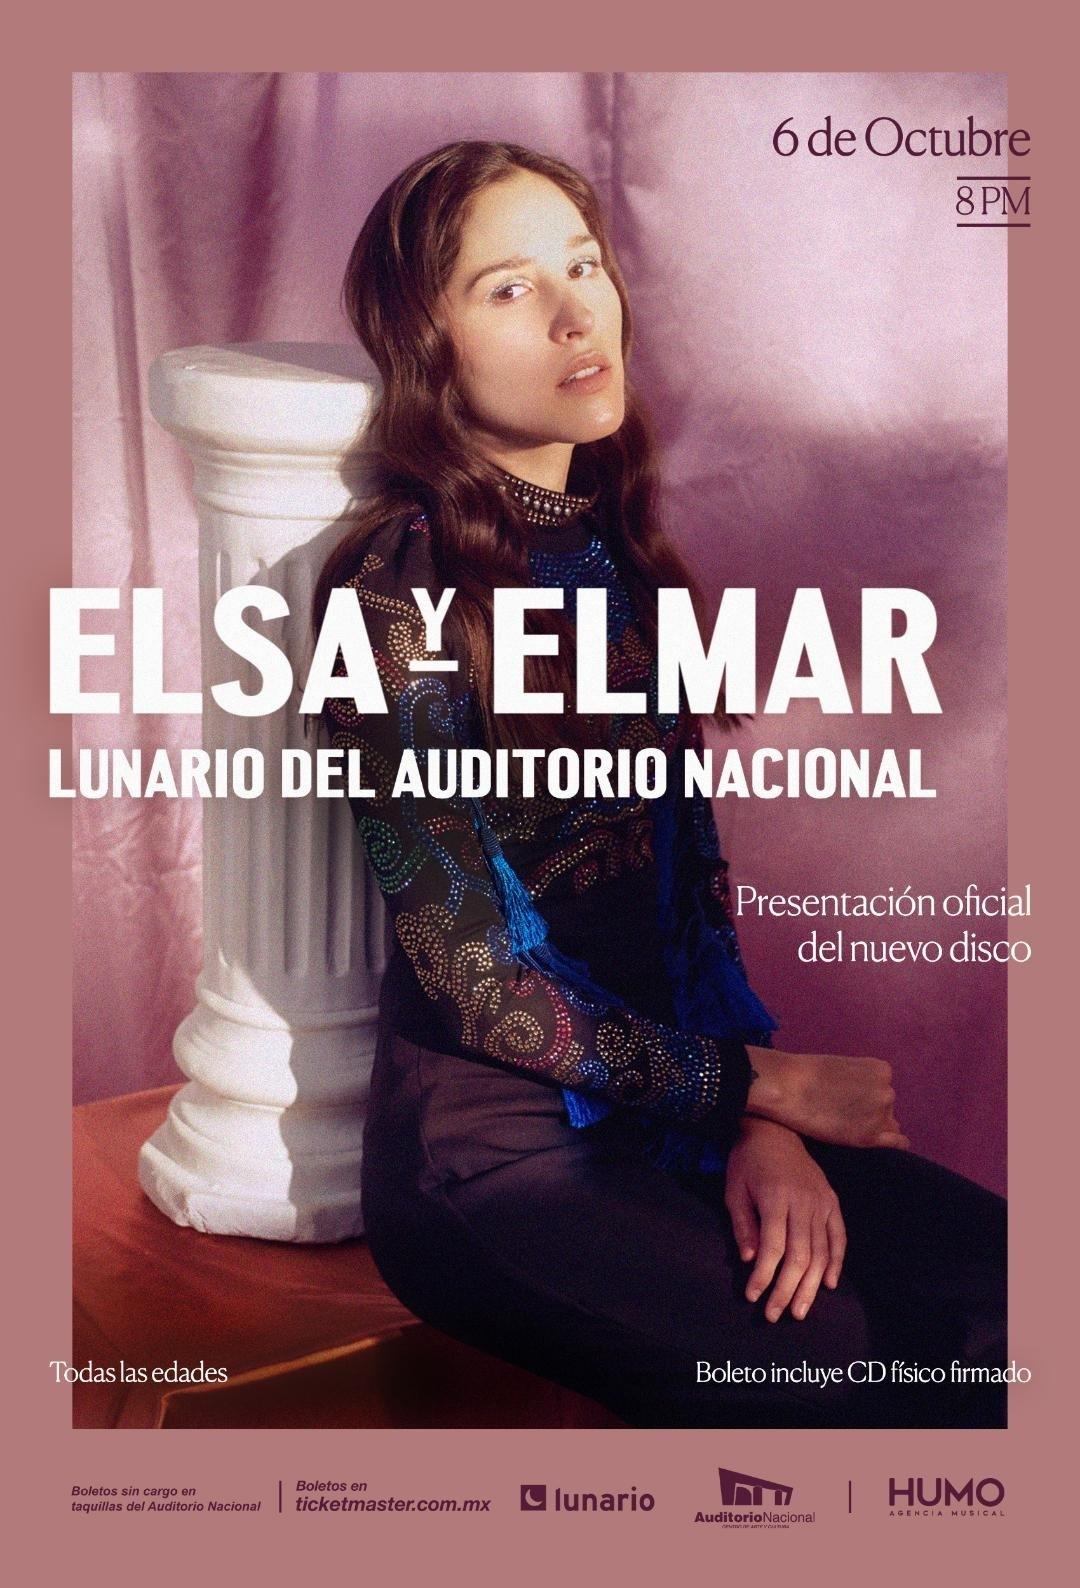 entrevista-elsa-y-elmar-concierto-lunario